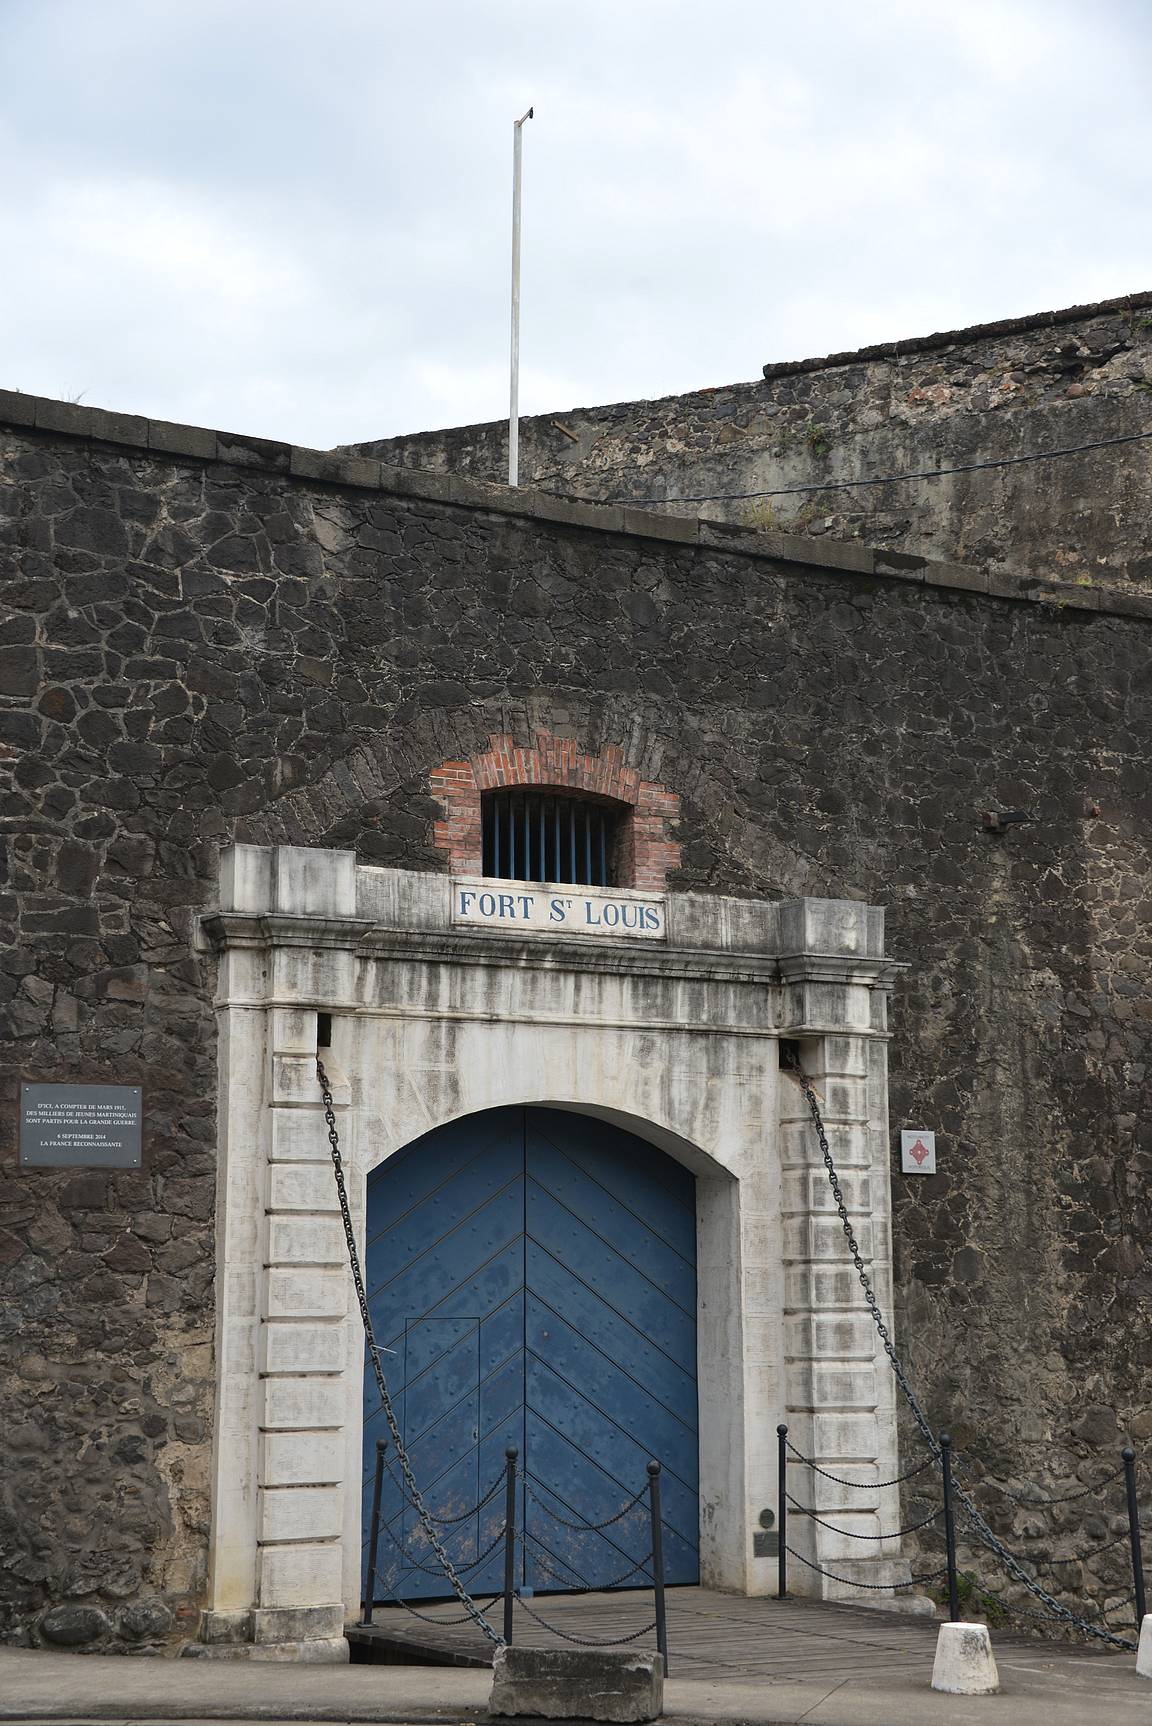 Fort Saint Louis - muurit piti vierailua halunneet reissaajat linnoituksen ulkopuolella.